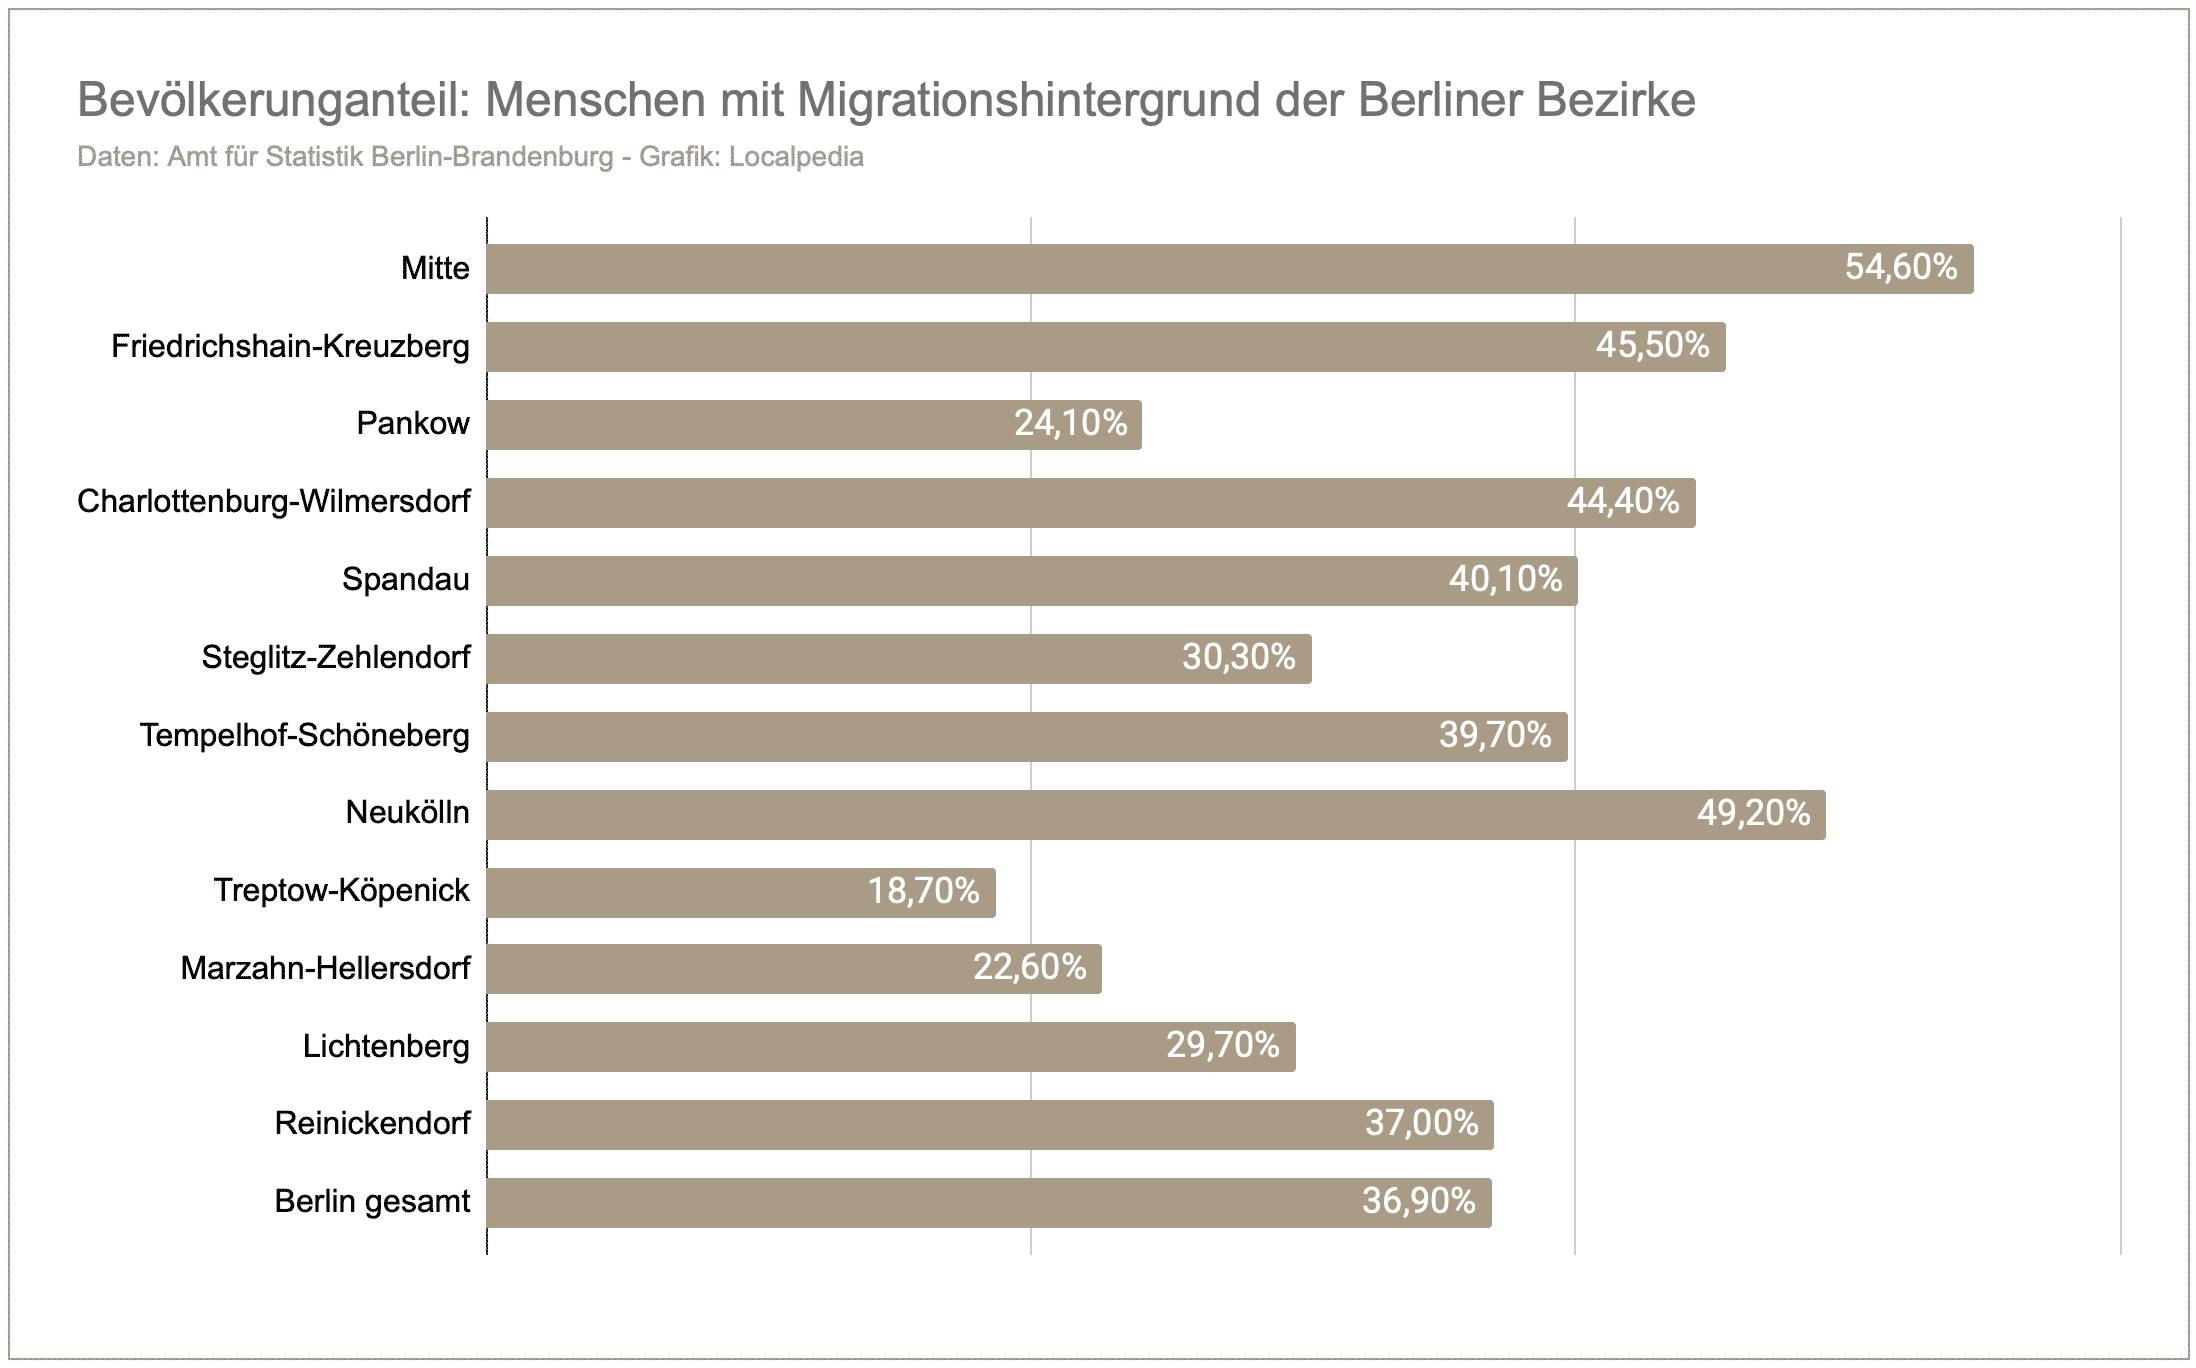 Anteil - Einwohner mit Migrationshintergrund der Berliner Bezirke